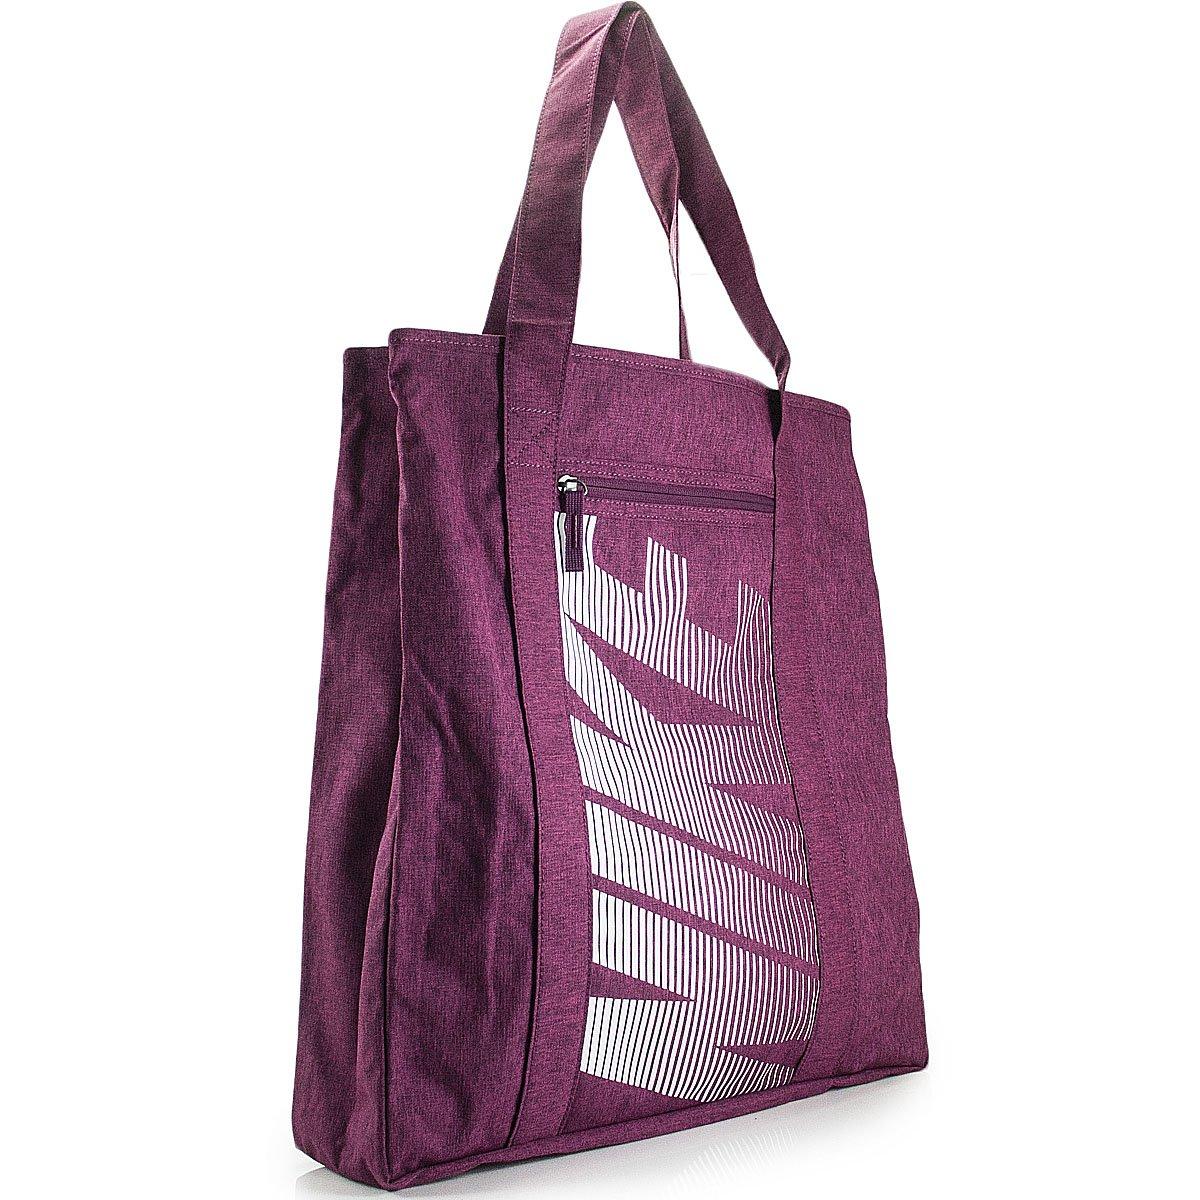 42a7a8887 Bolsa | Acessórios | Bolsa Nike Gym Tote Ba5446